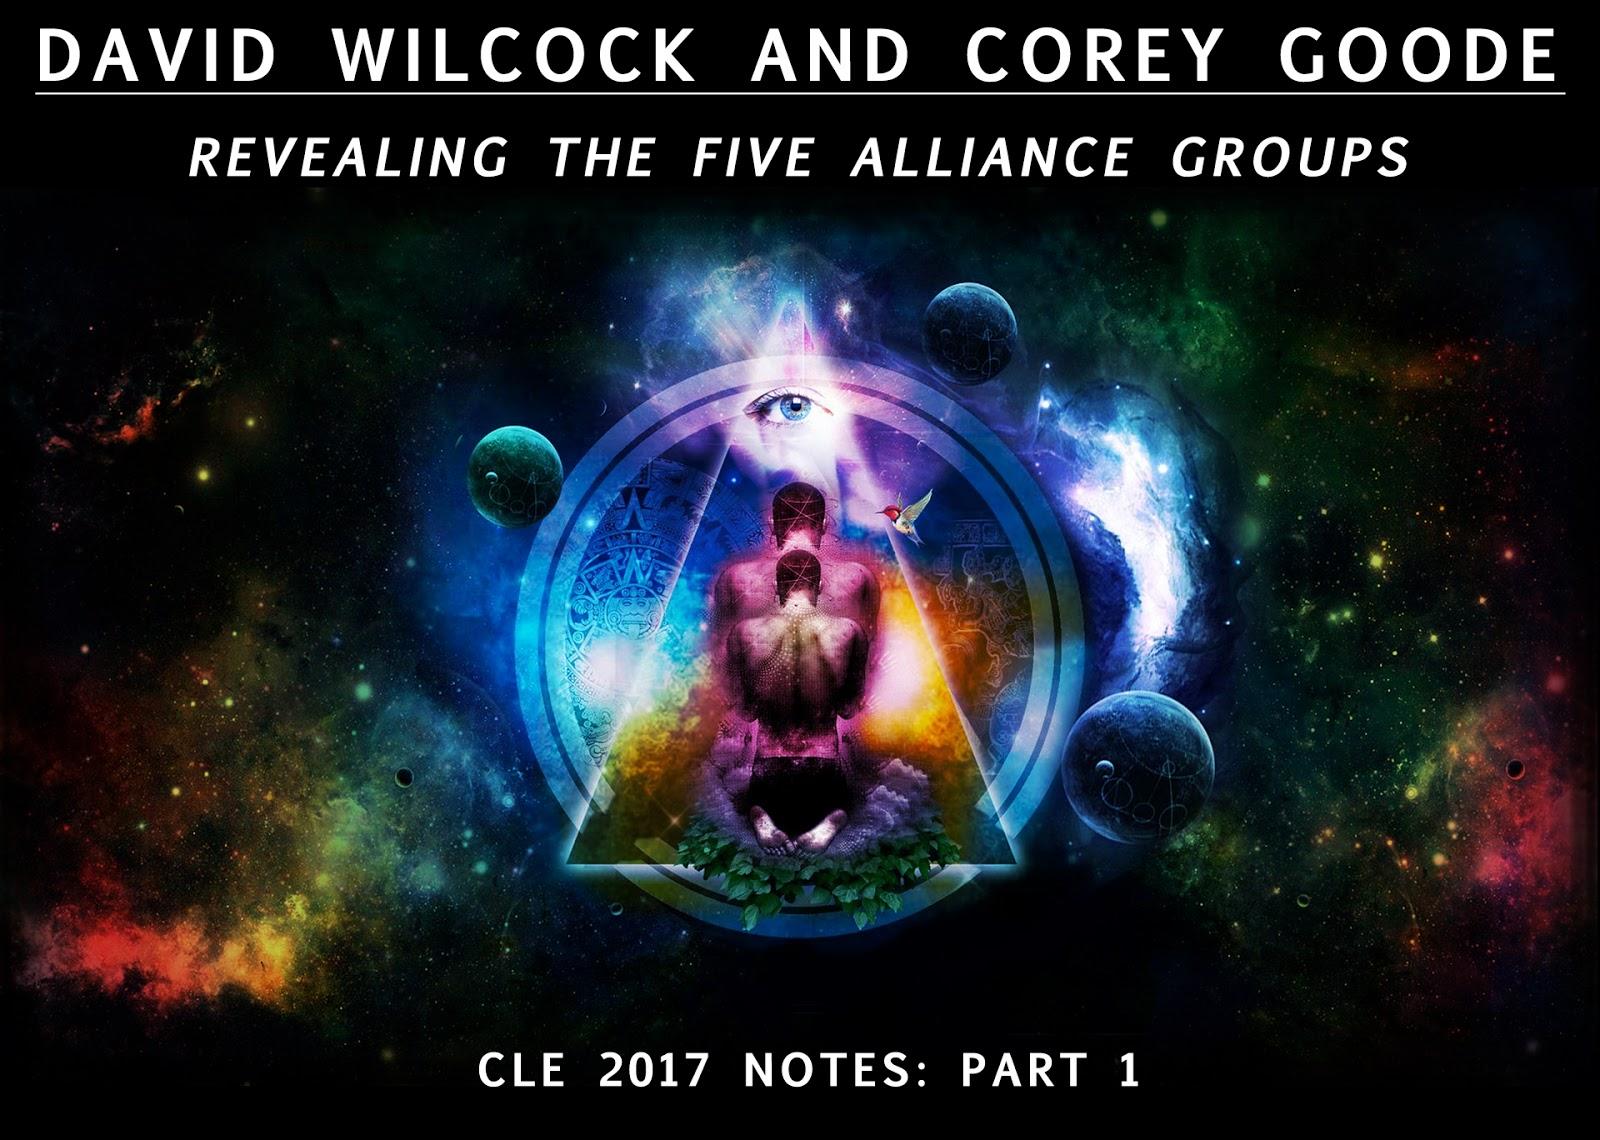 David Wilcock and Corey Goode at Conscious Life Expo…notes